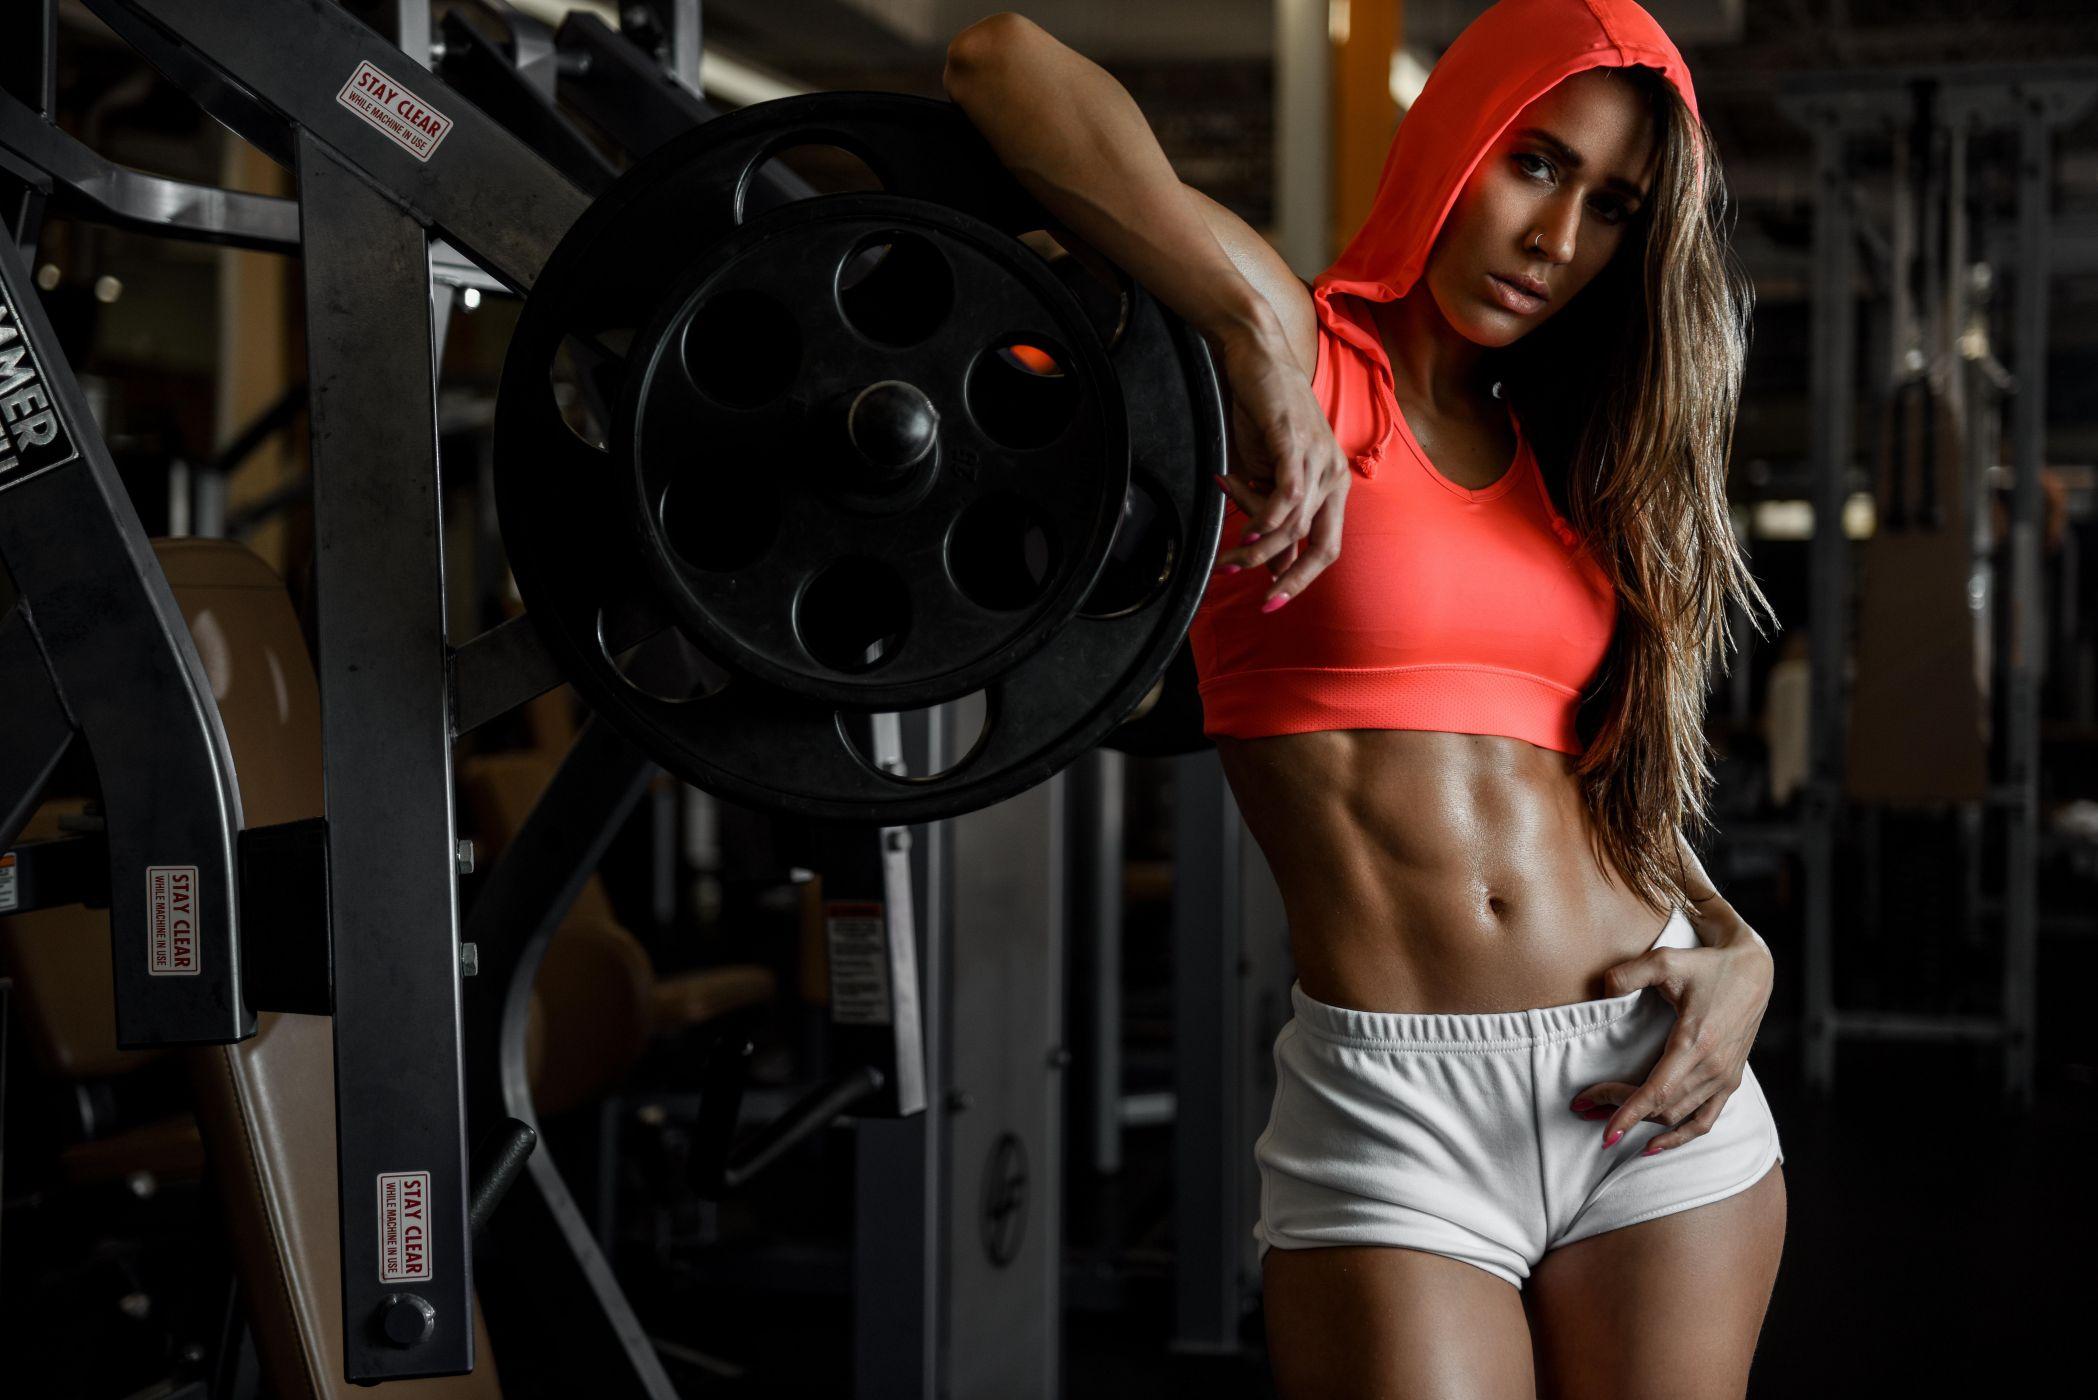 gym-girls-pics-pantyhose